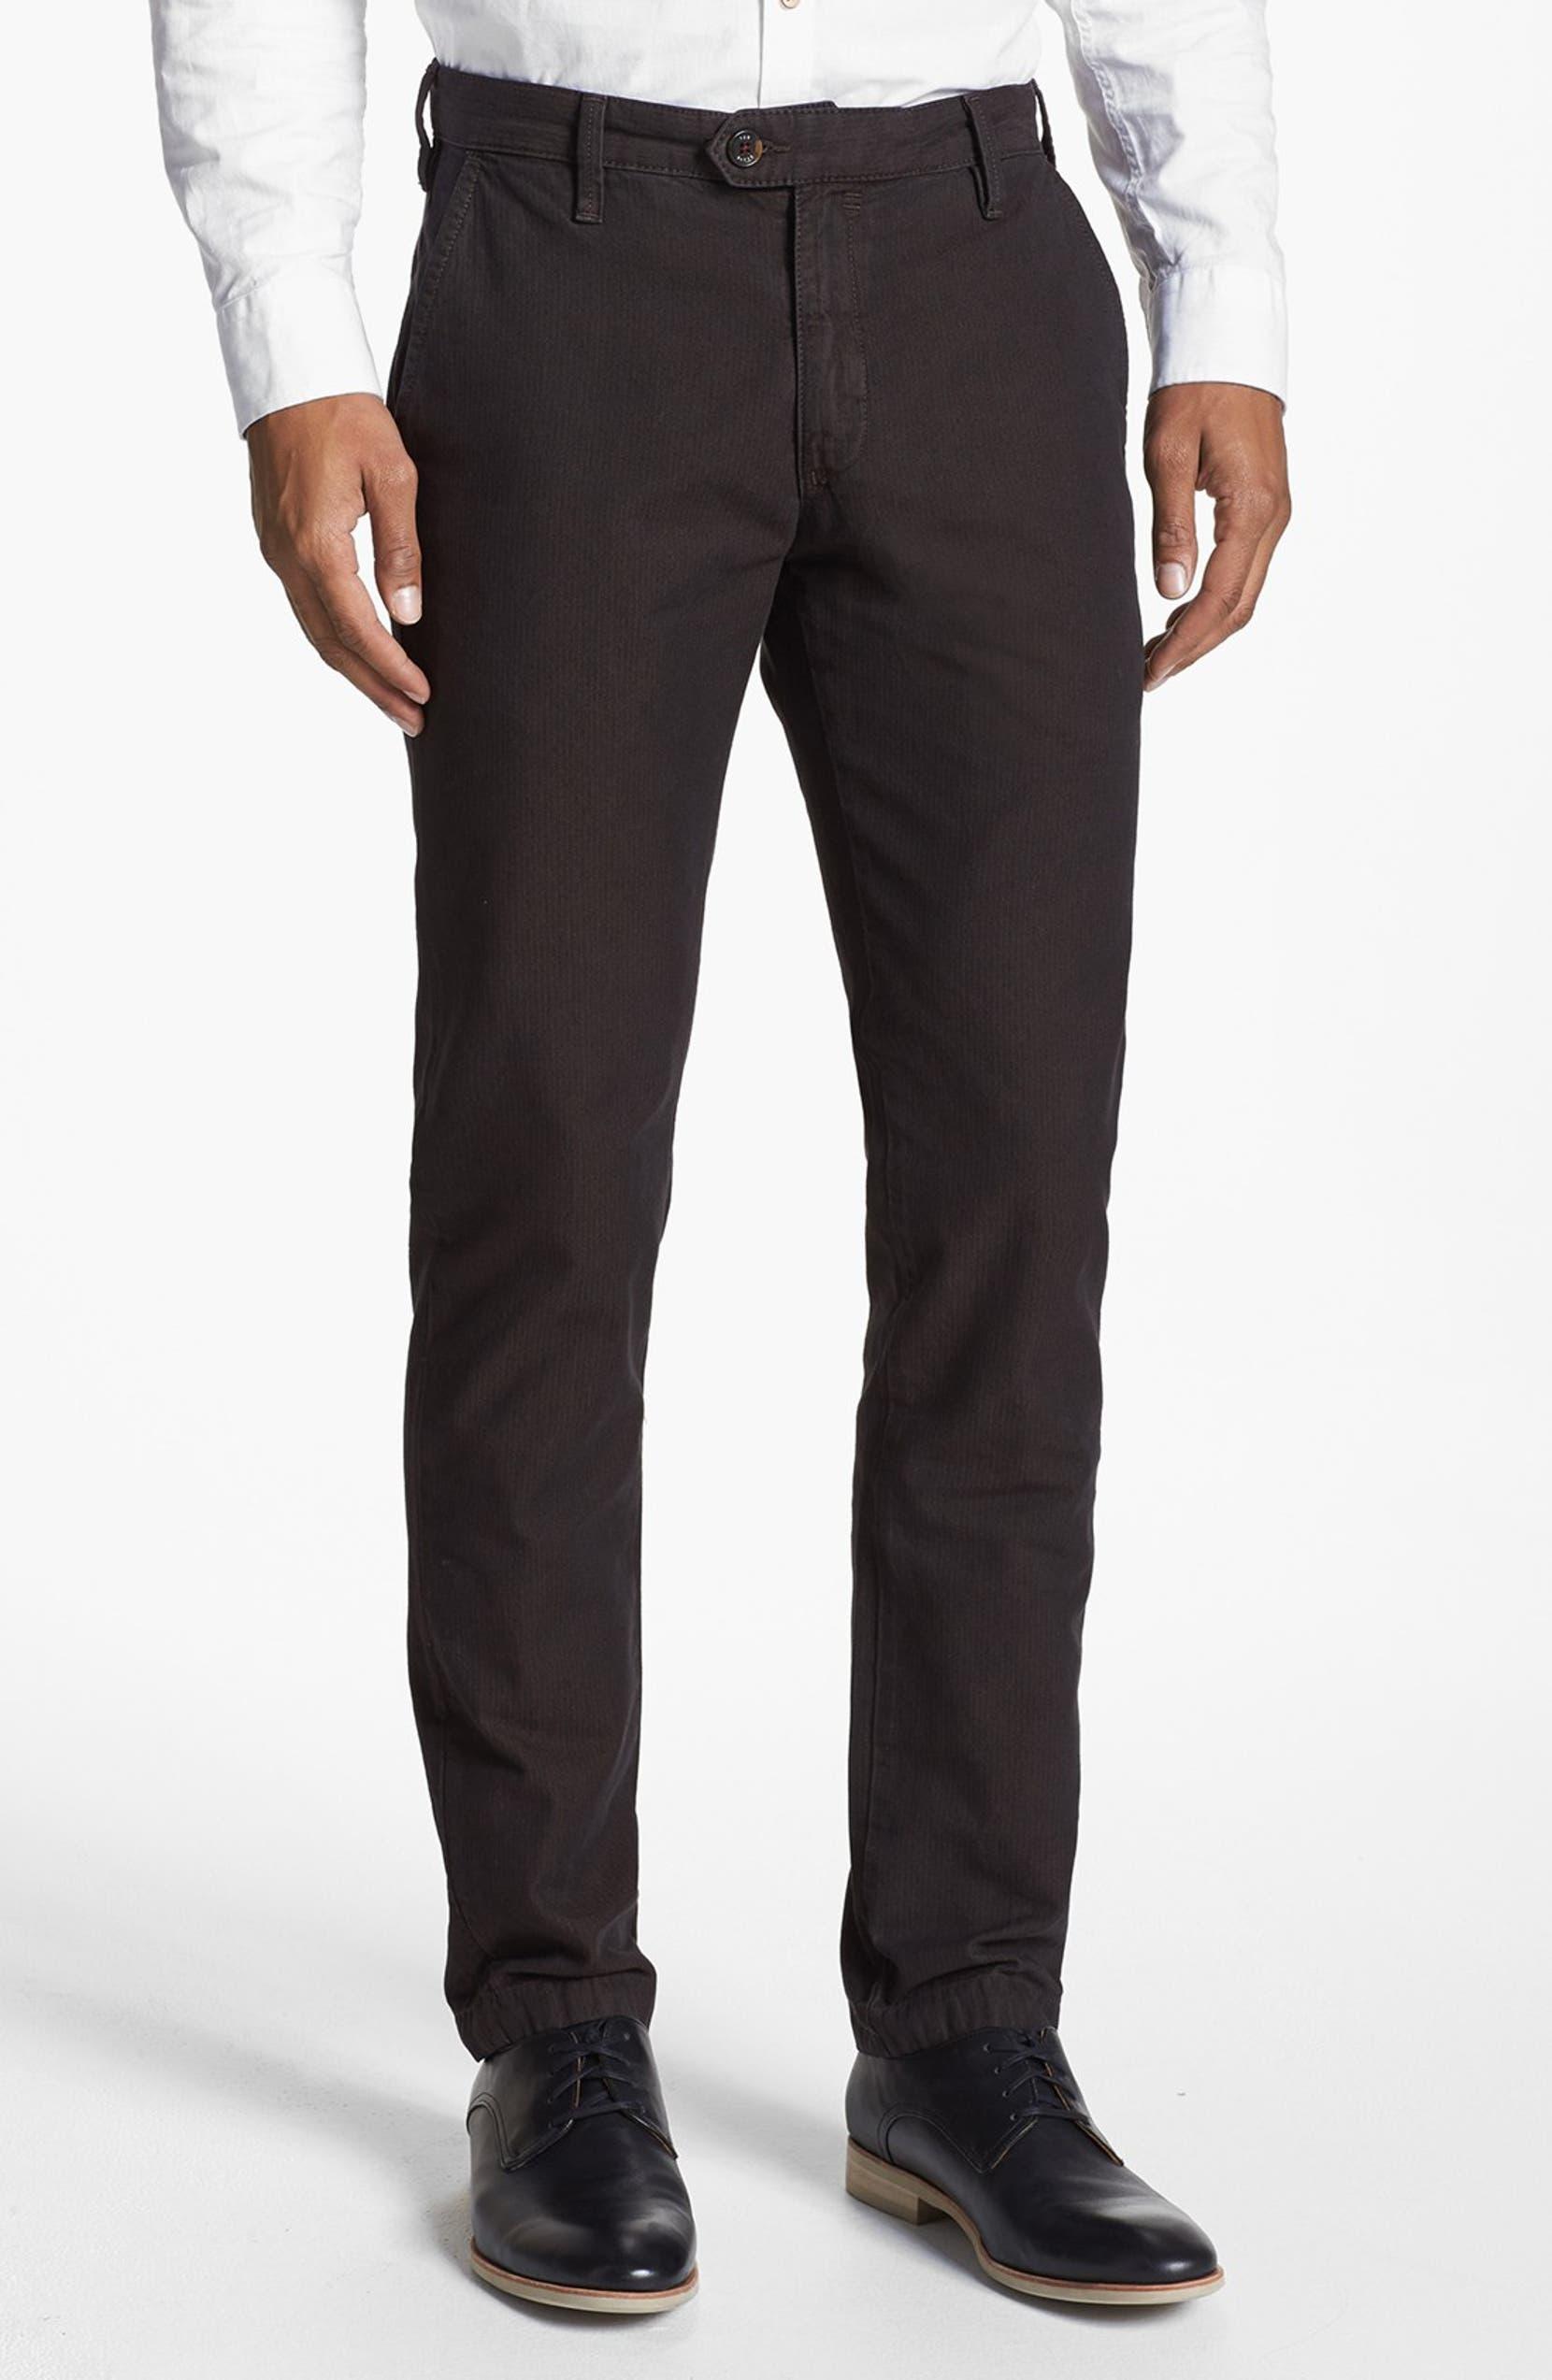 ad9651696c7250 Ted Baker London  Yayzerz  Overdyed Herringbone Pants